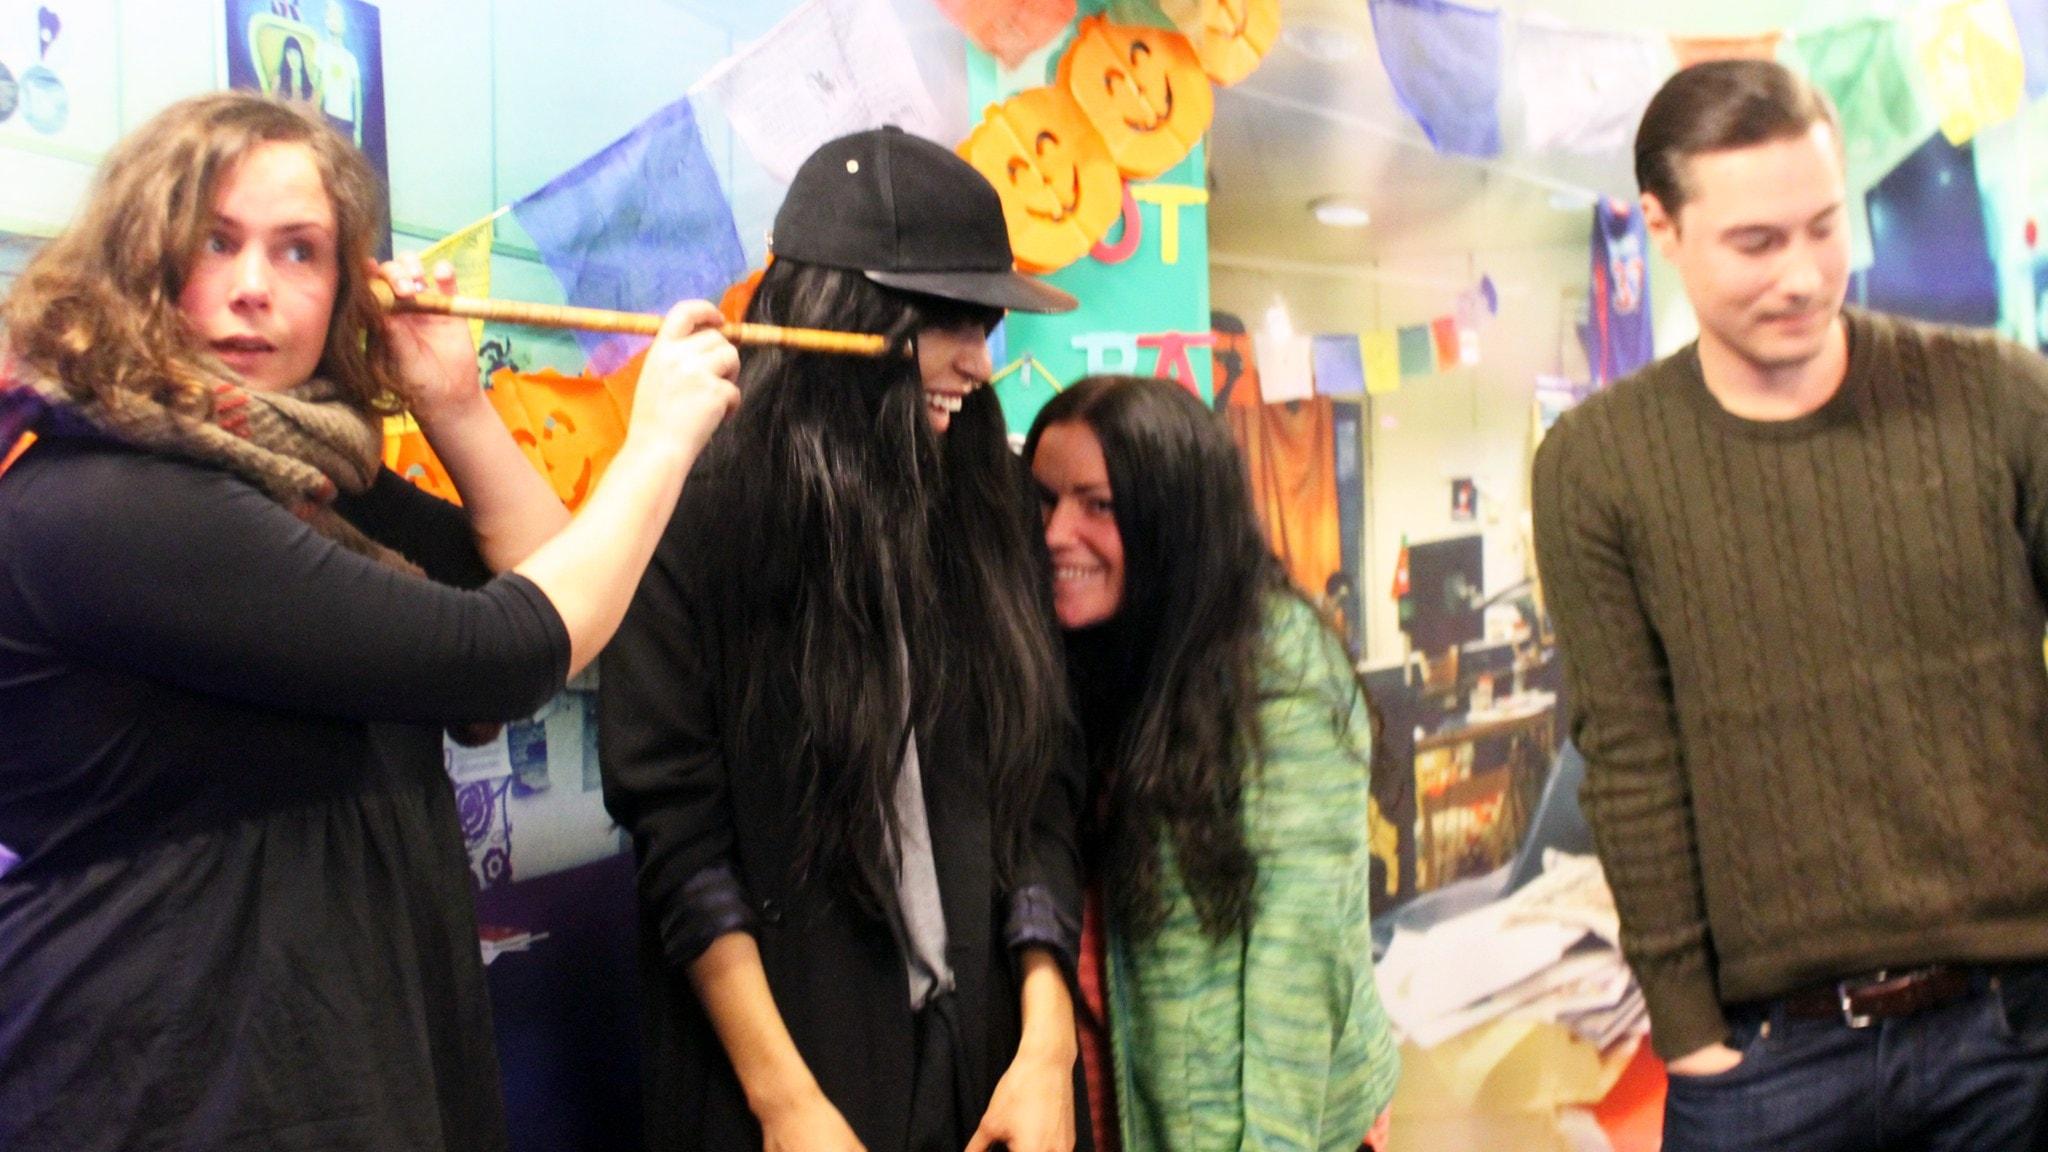 Martinas fotospaning, Bumpa jao & Loreen